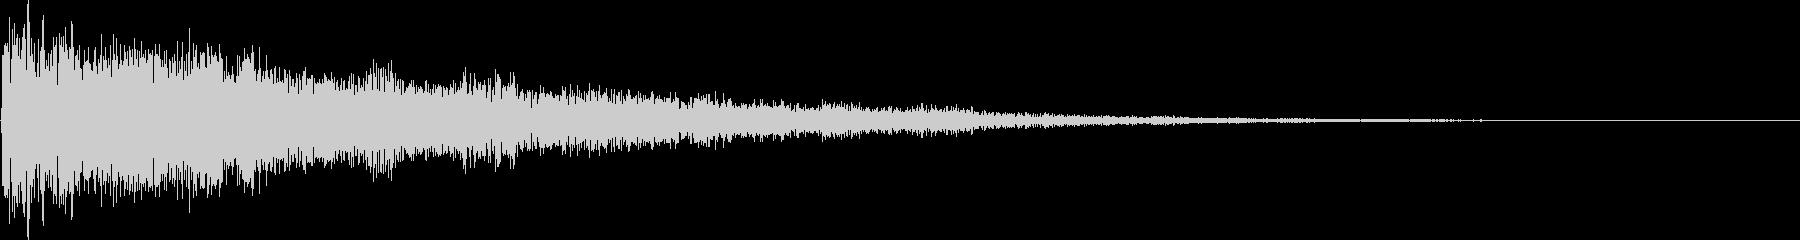 ピコーン(決定、移動、レベルアップ)の未再生の波形